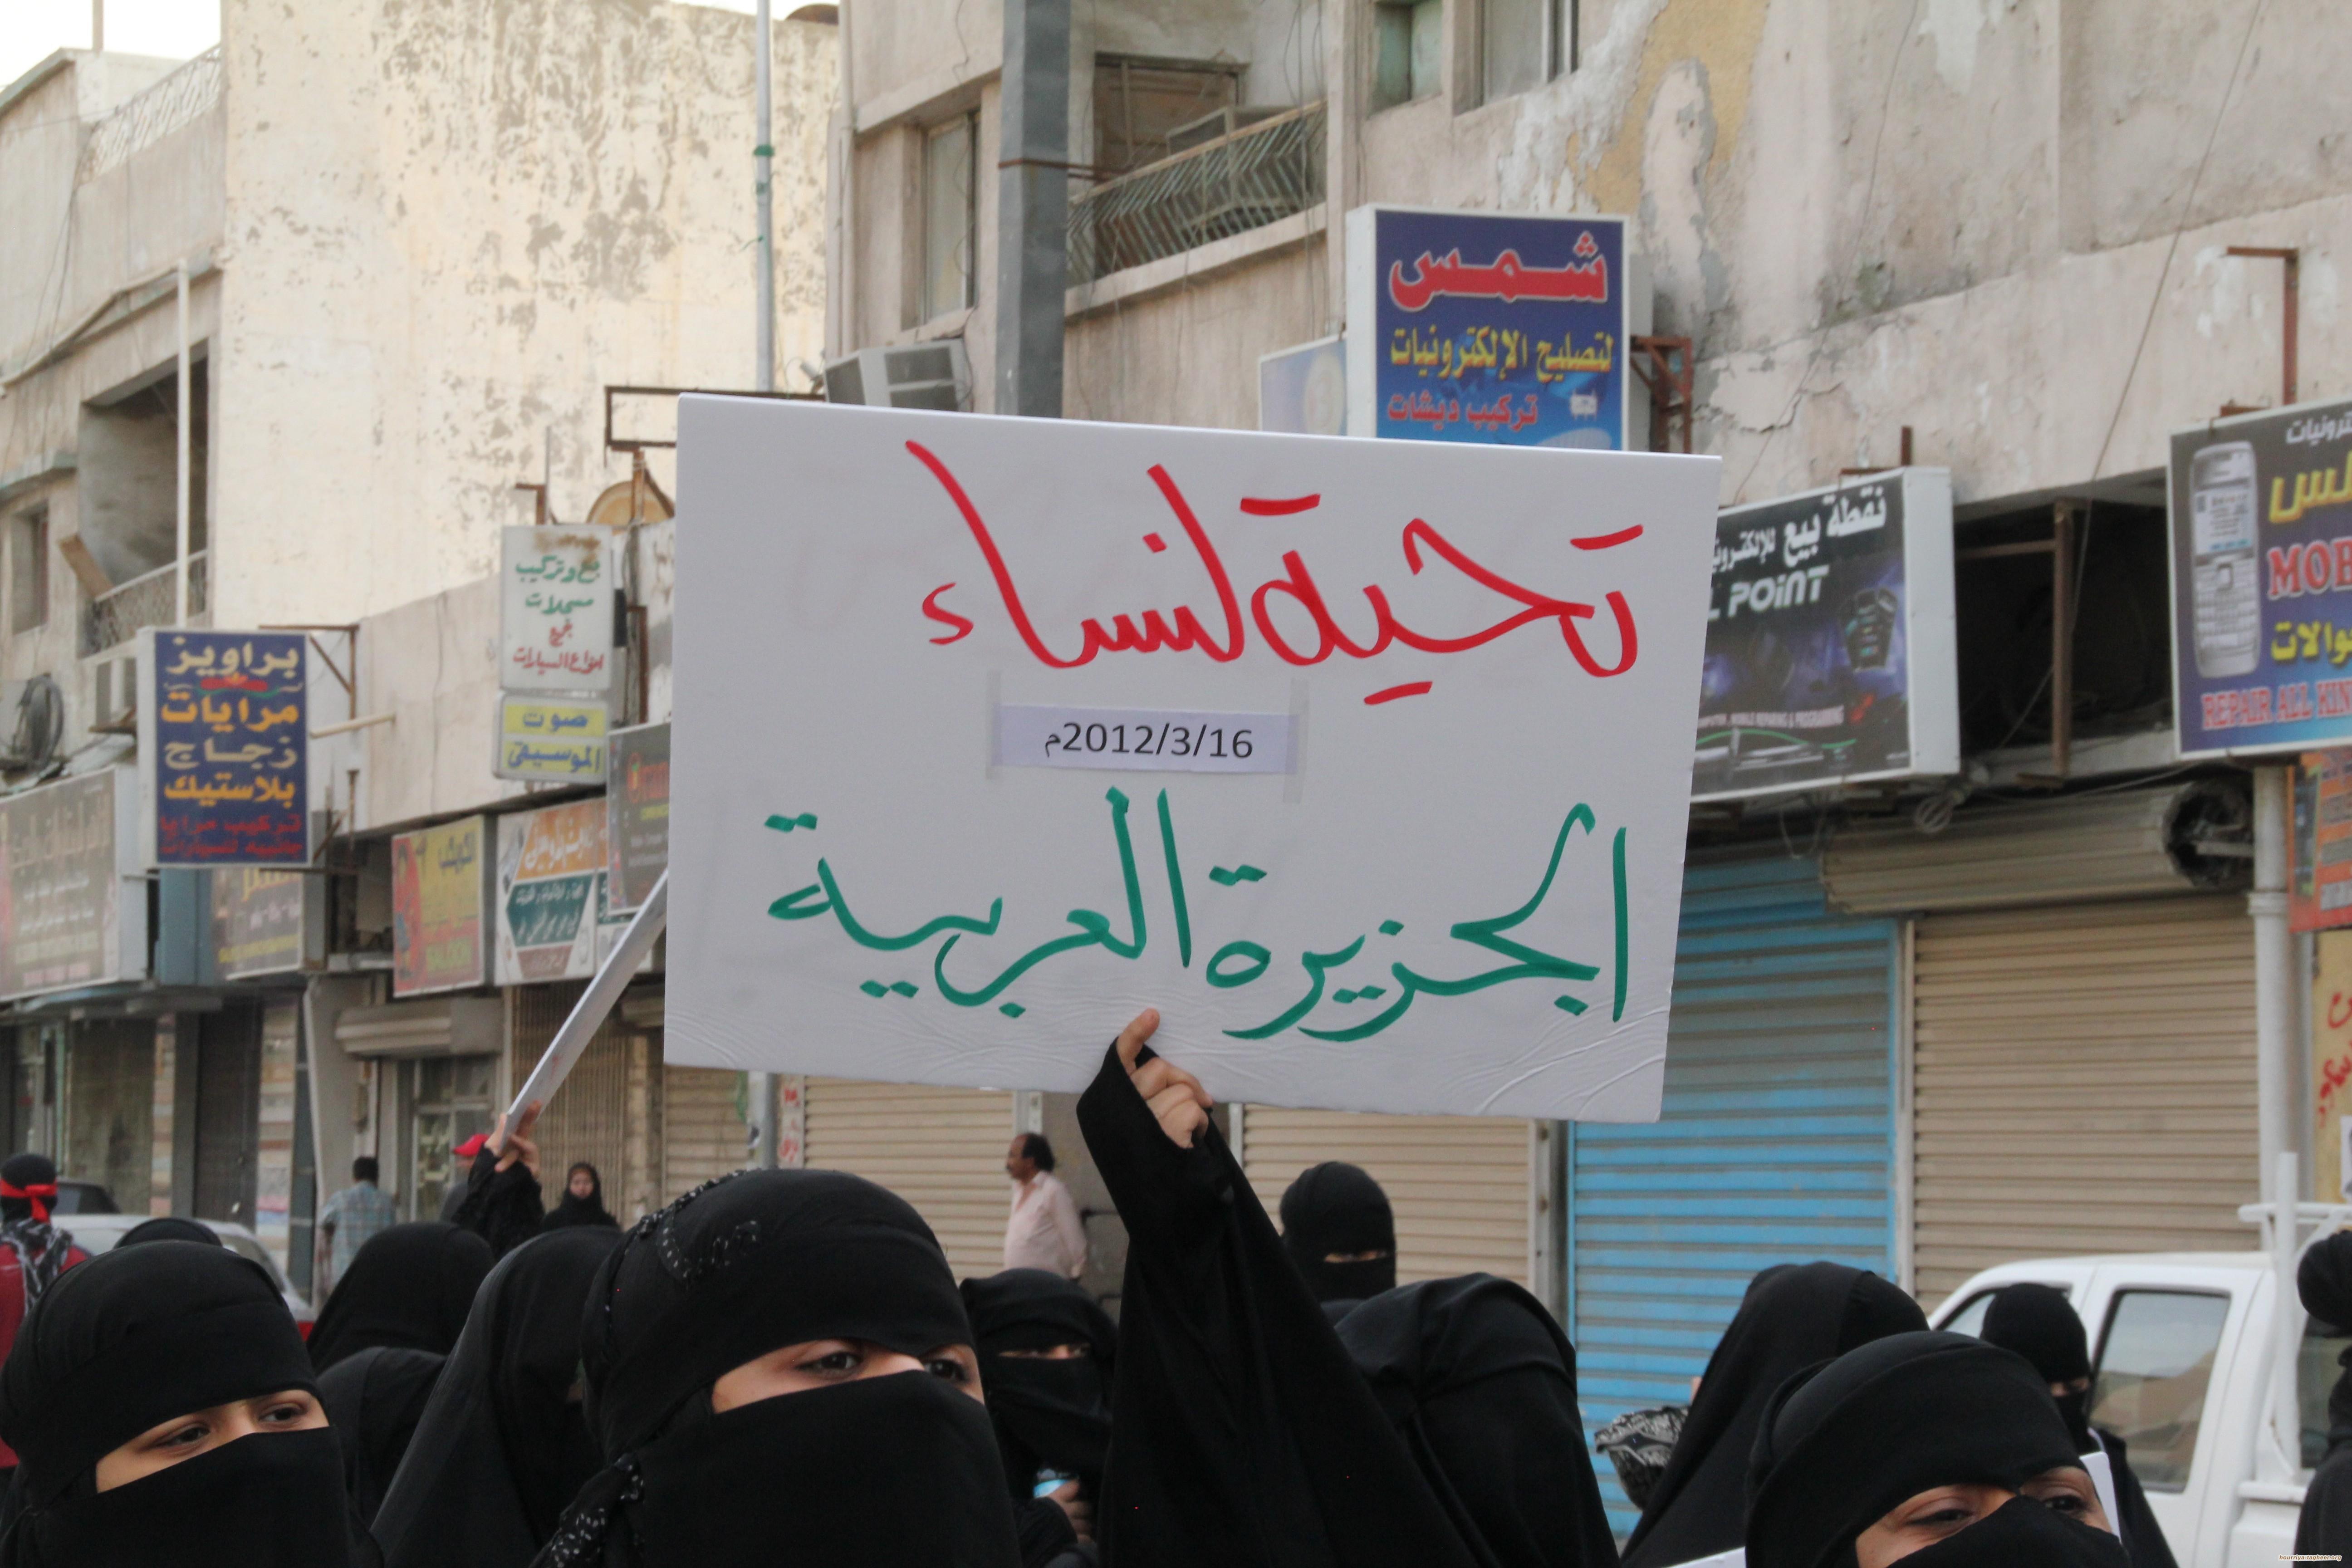 مجلس حقوق الانسان يُسقط ورقة التوت عن ابن سلمان